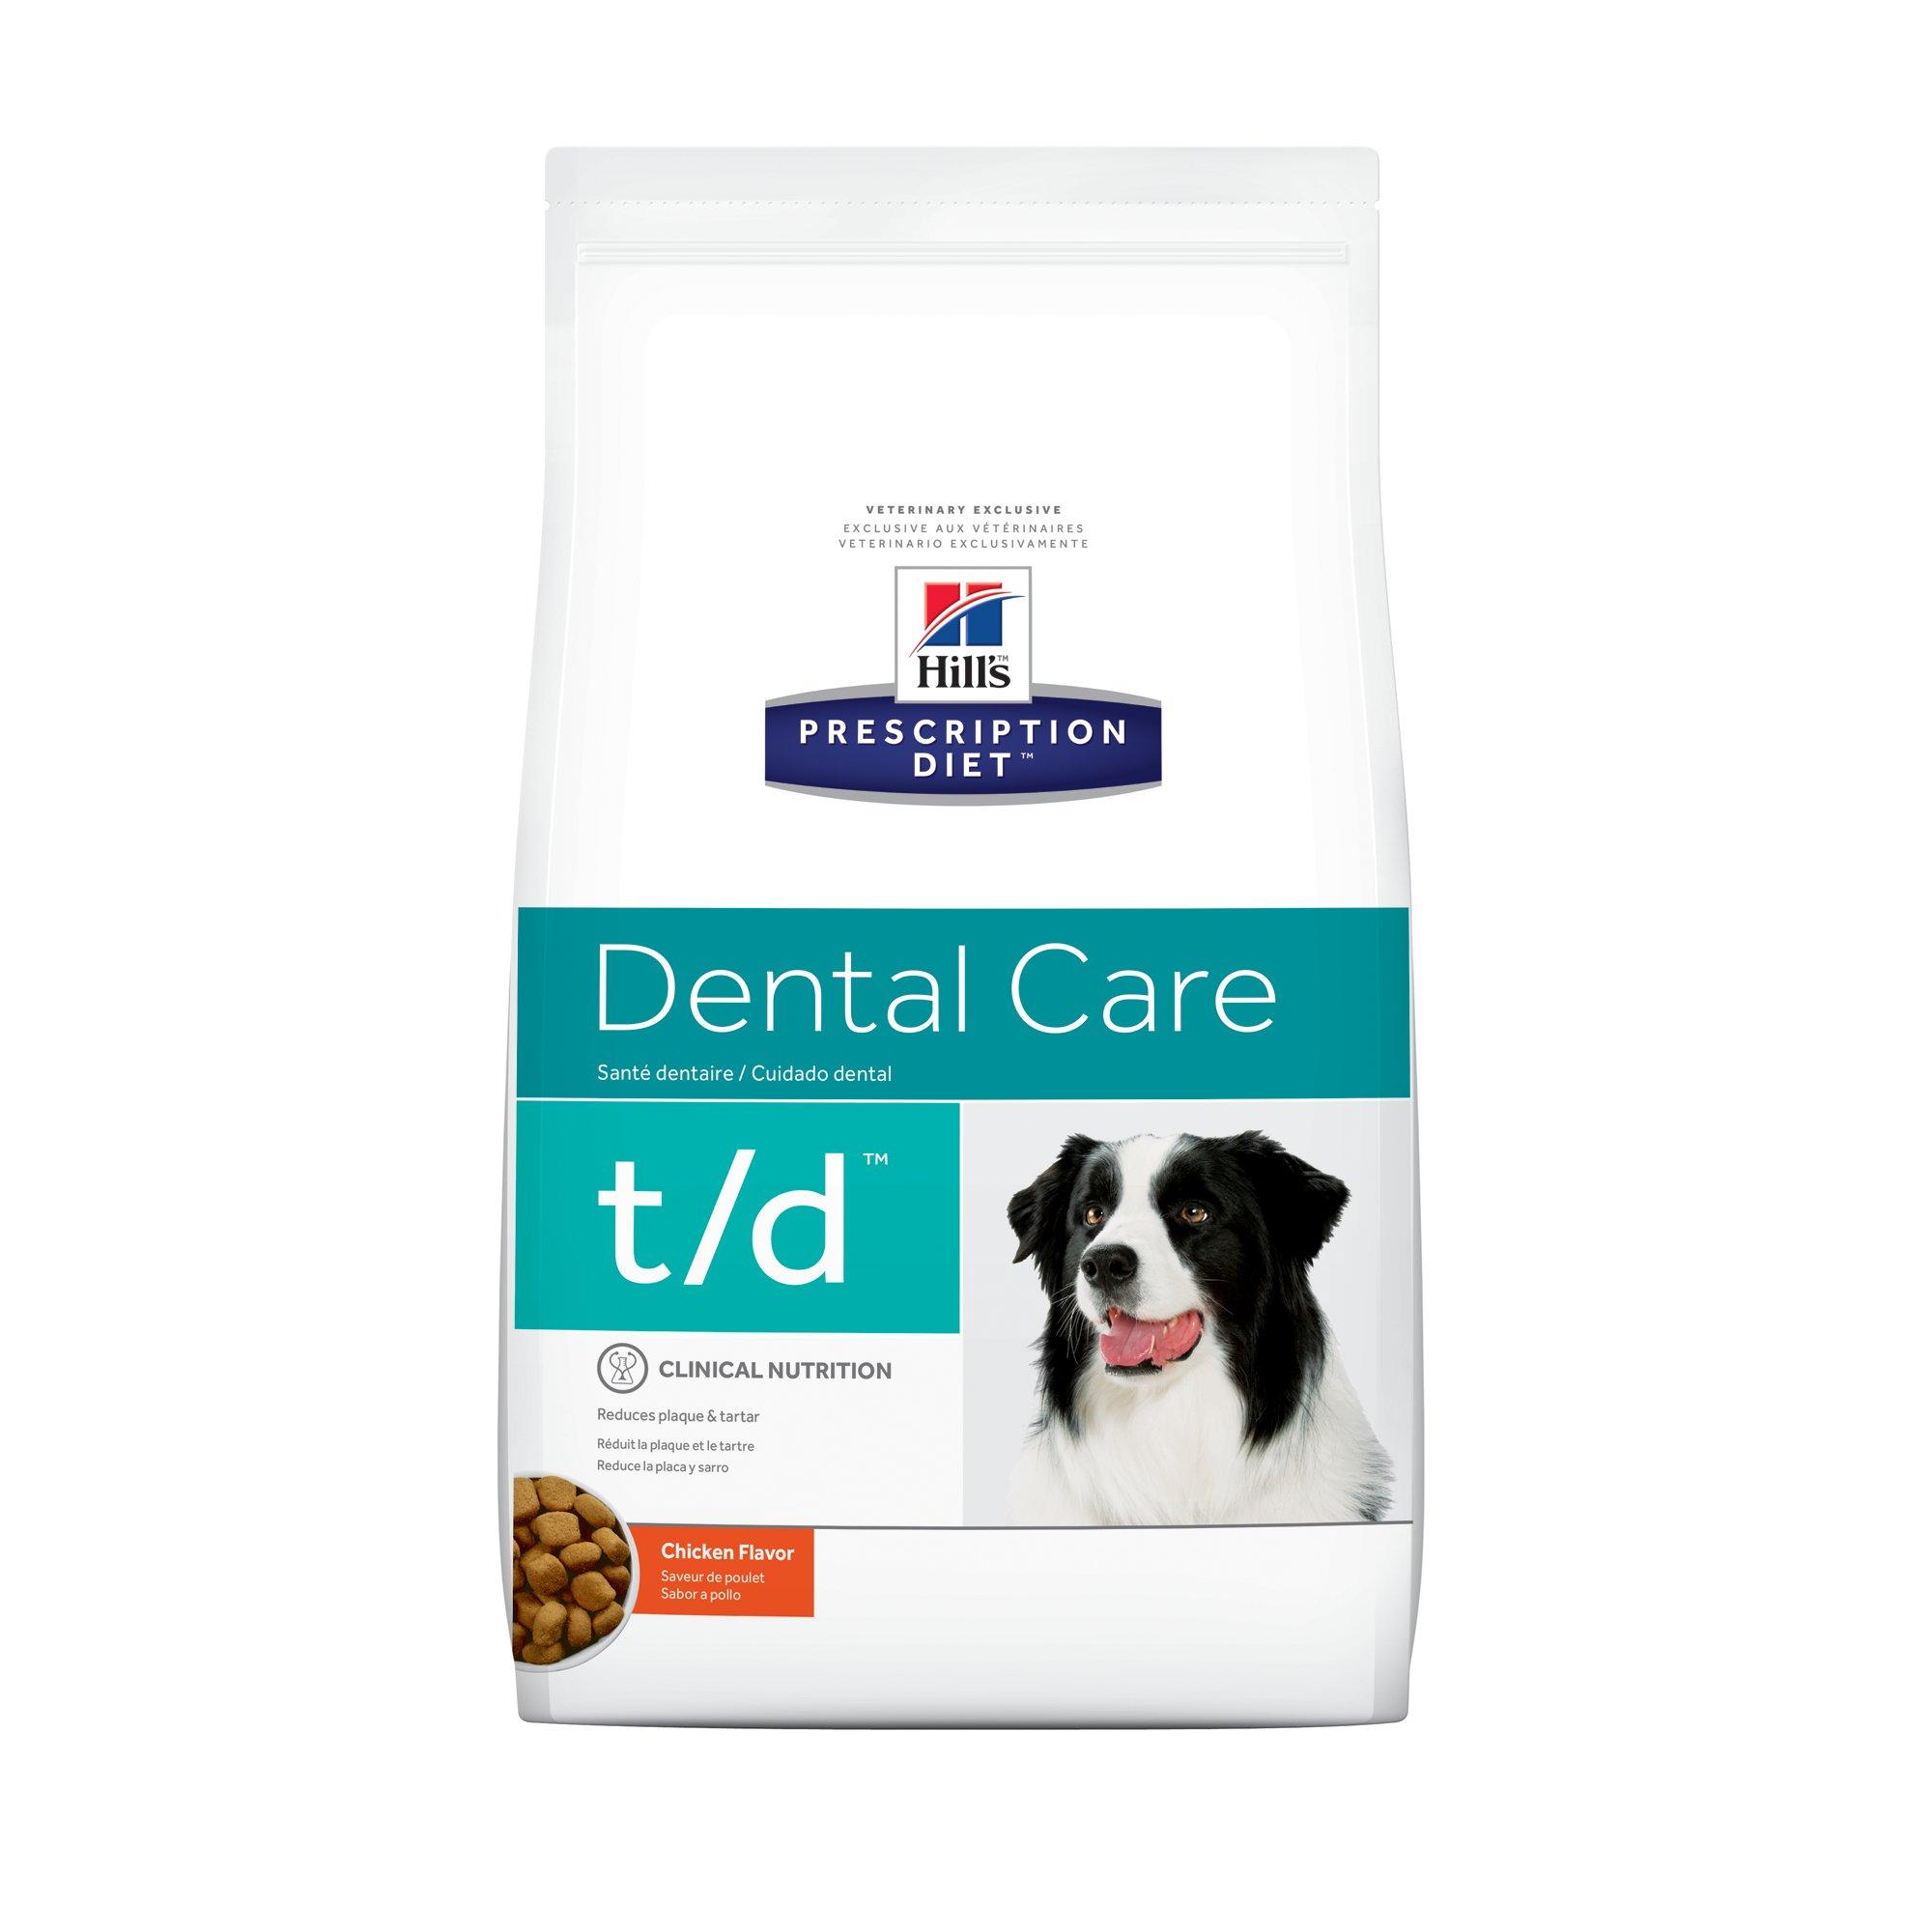 Hills Td Dental Dog Food